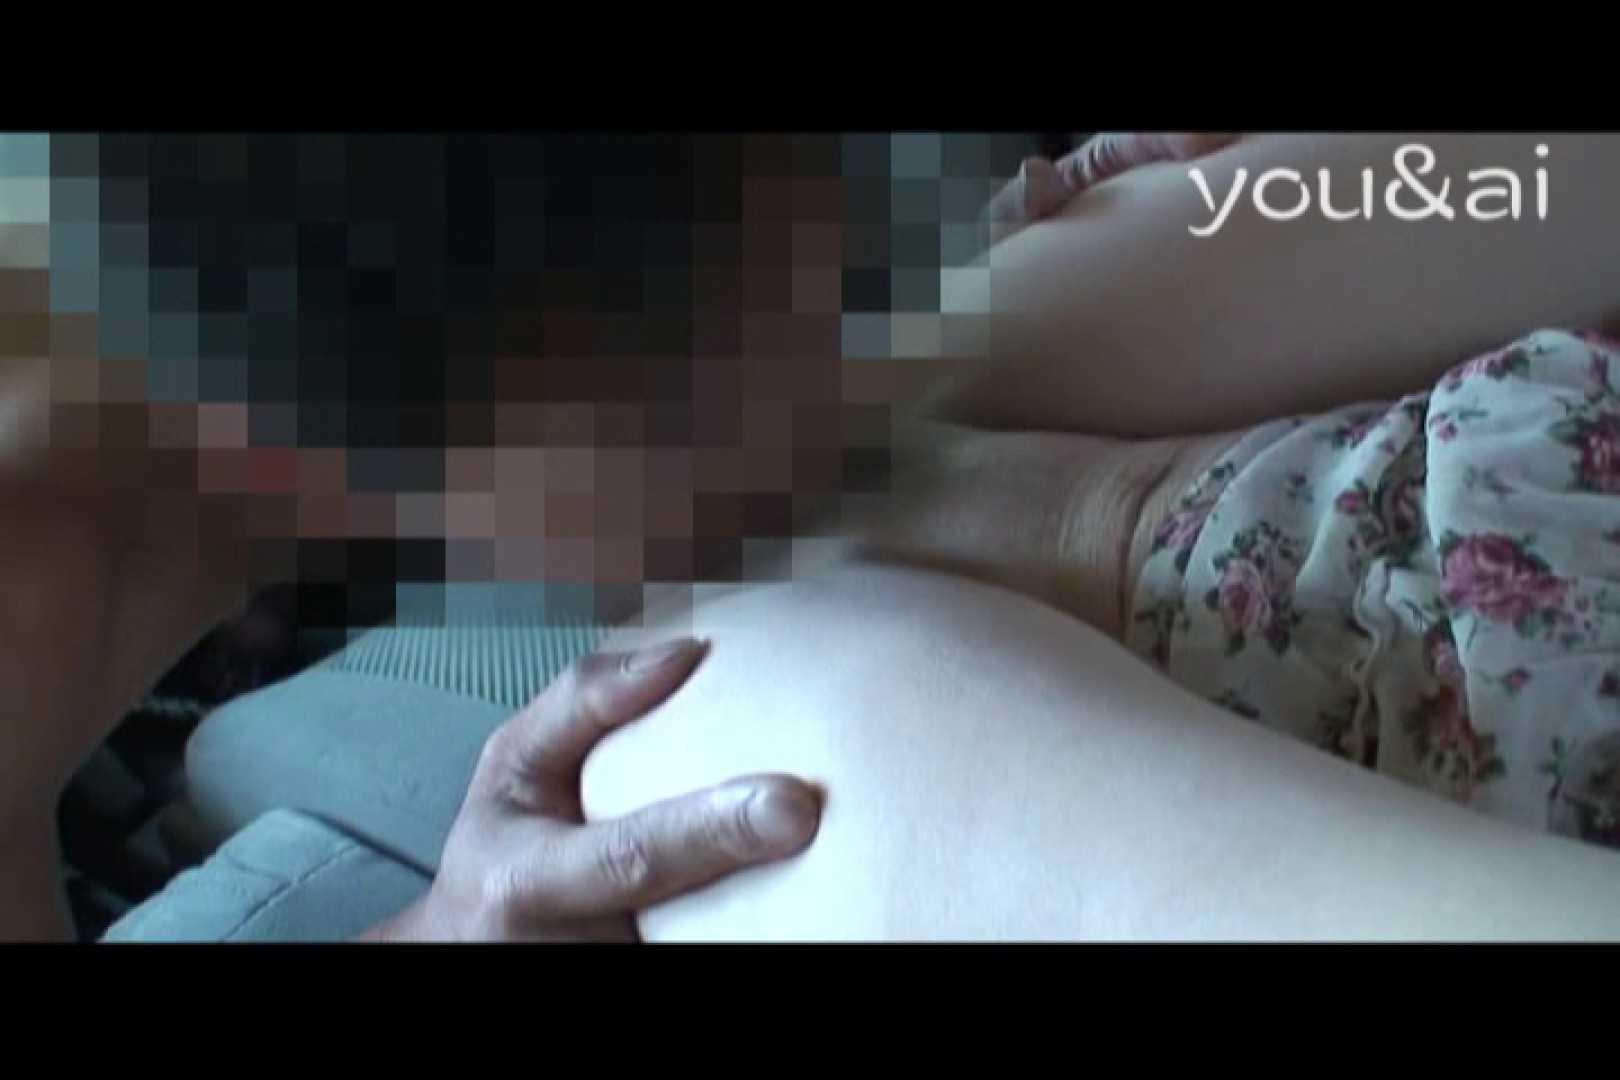 おしどり夫婦のyou&aiさん投稿作品vol.11 丸出しマンコ | エッチすぎるOL達  81連発 11